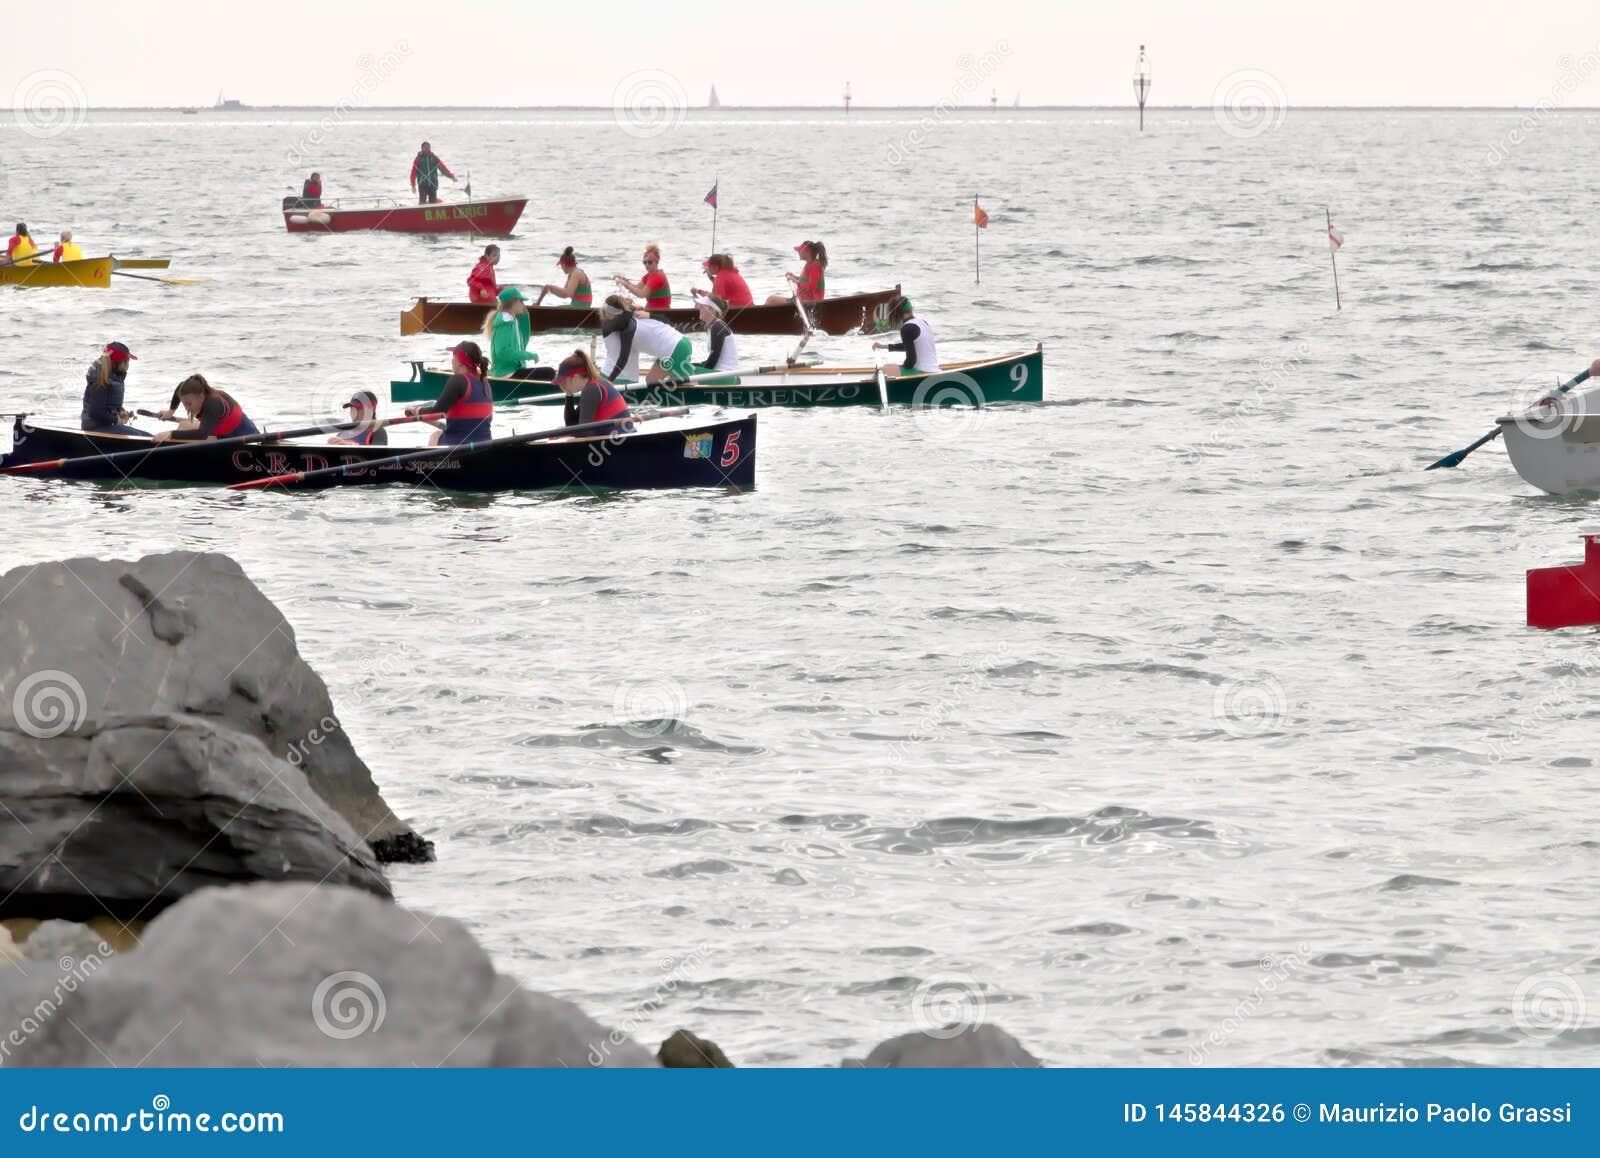 La Spezia, Liguria, Italia 03/17/2019 Palio del Golfo Squadra delle donne Regata marittima tradizionale